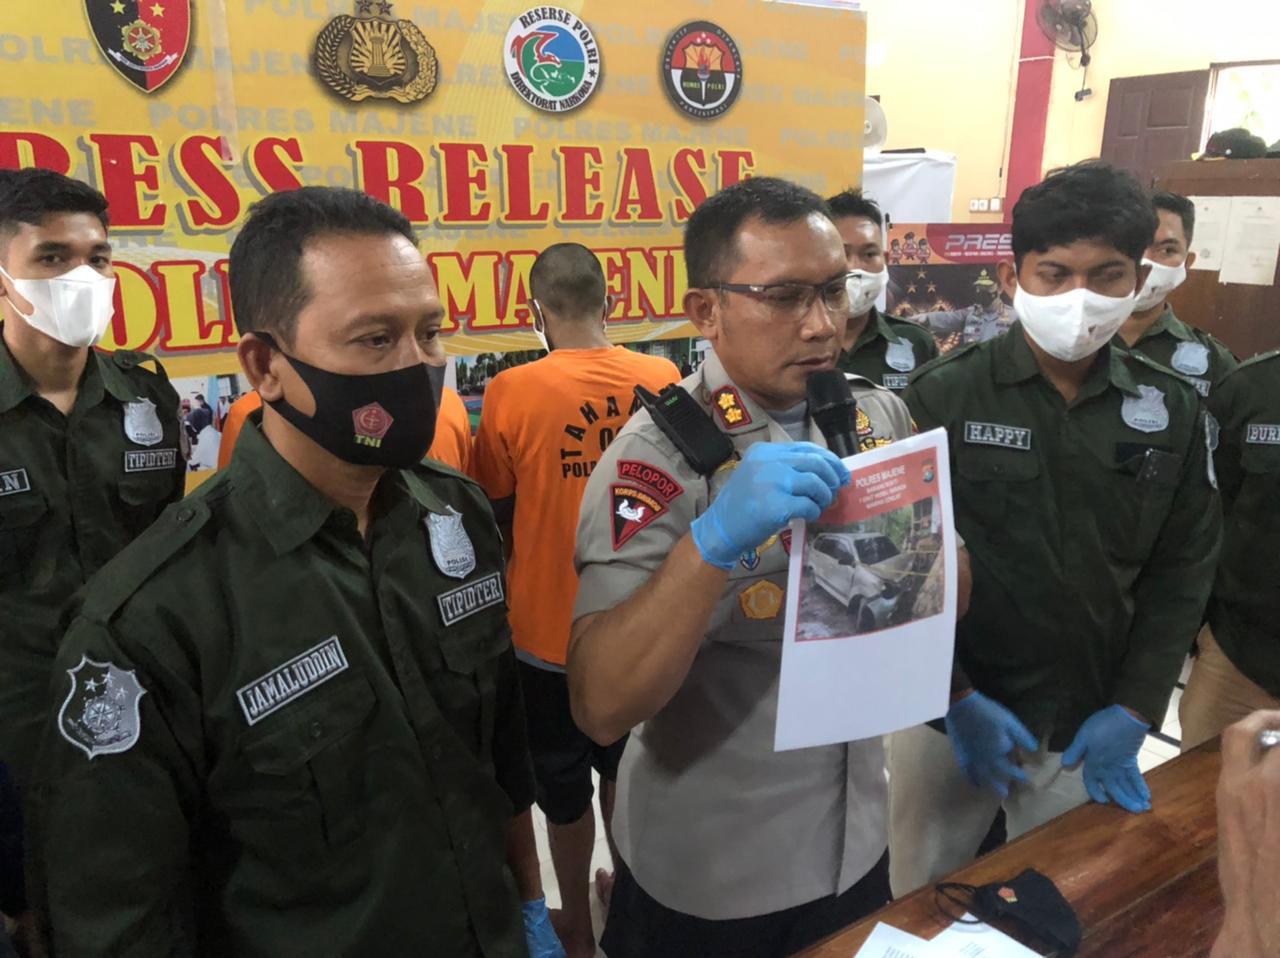 Polres Majene Gelar Press Release Pembunuhan dan Pencurian